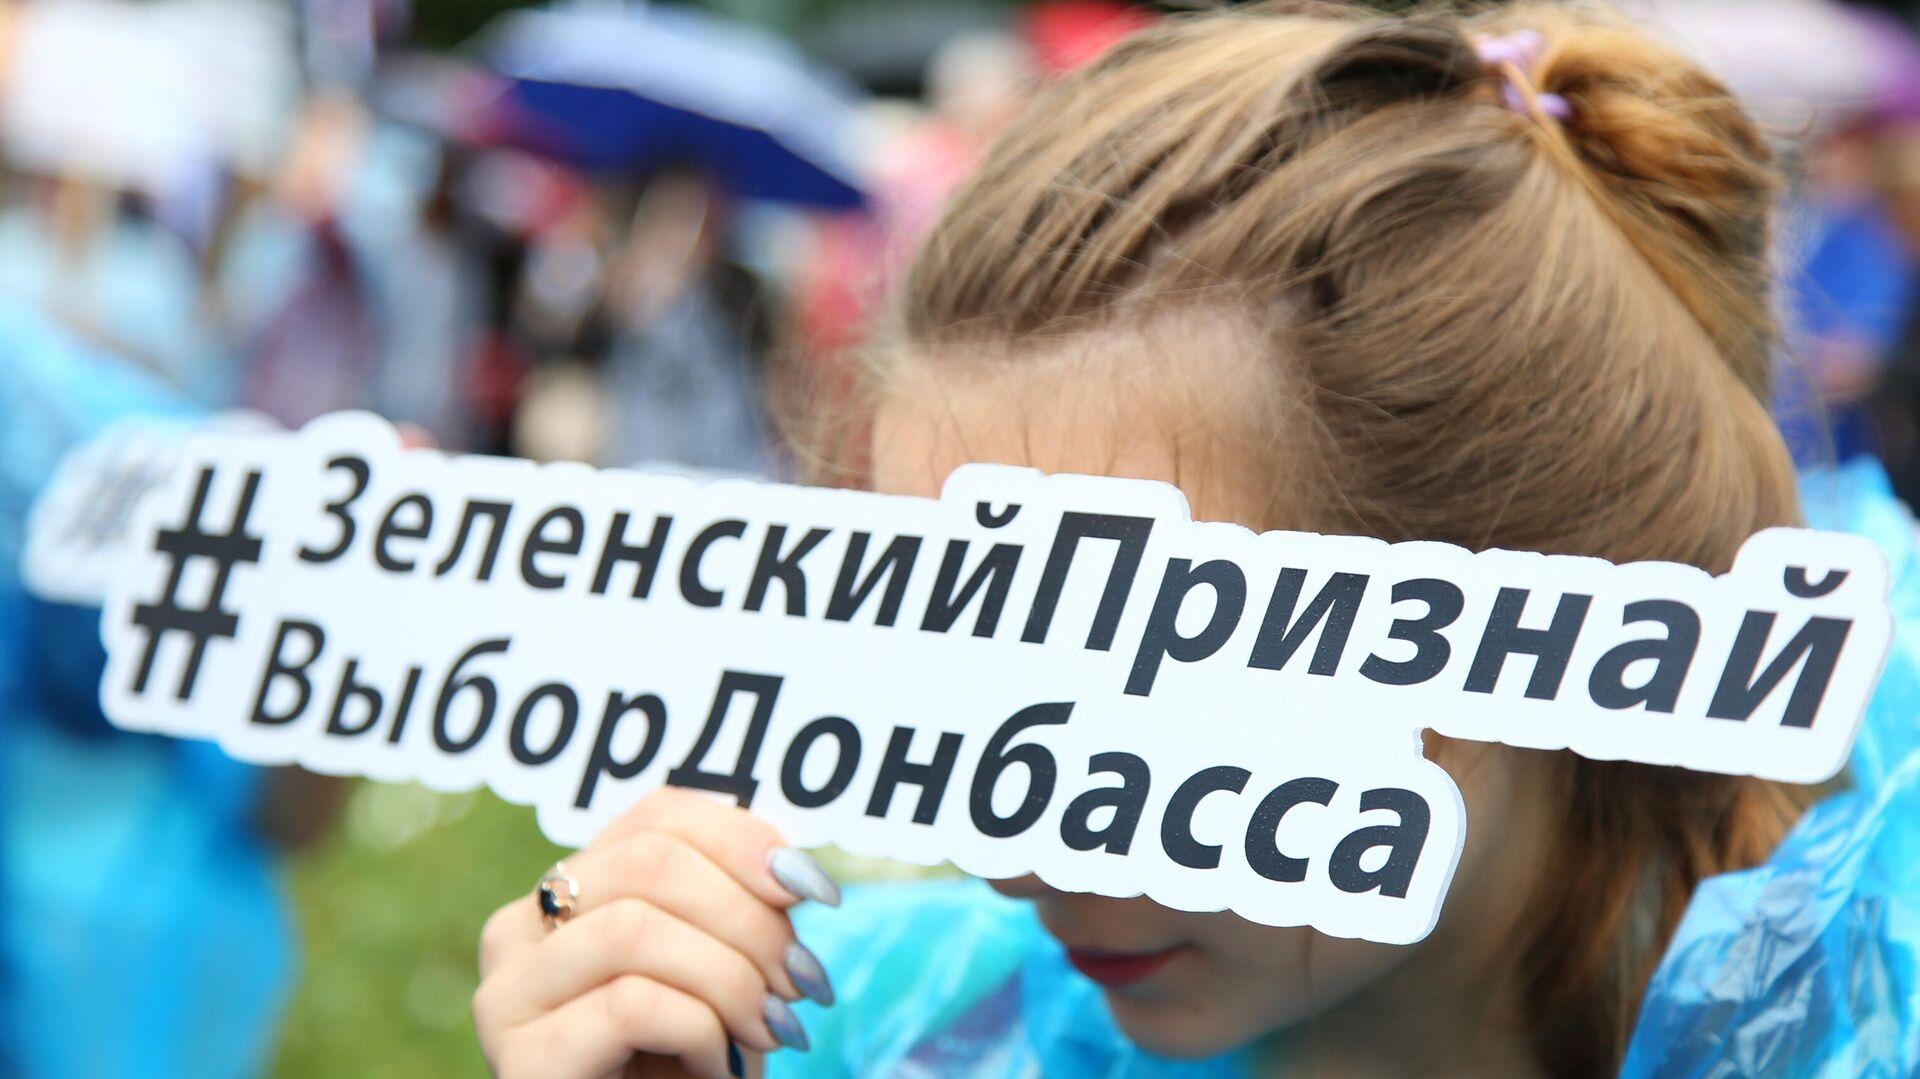 Акция Выбор Донбасса в Донецке. Архивное фото - РИА Новости, 1920, 21.09.2021